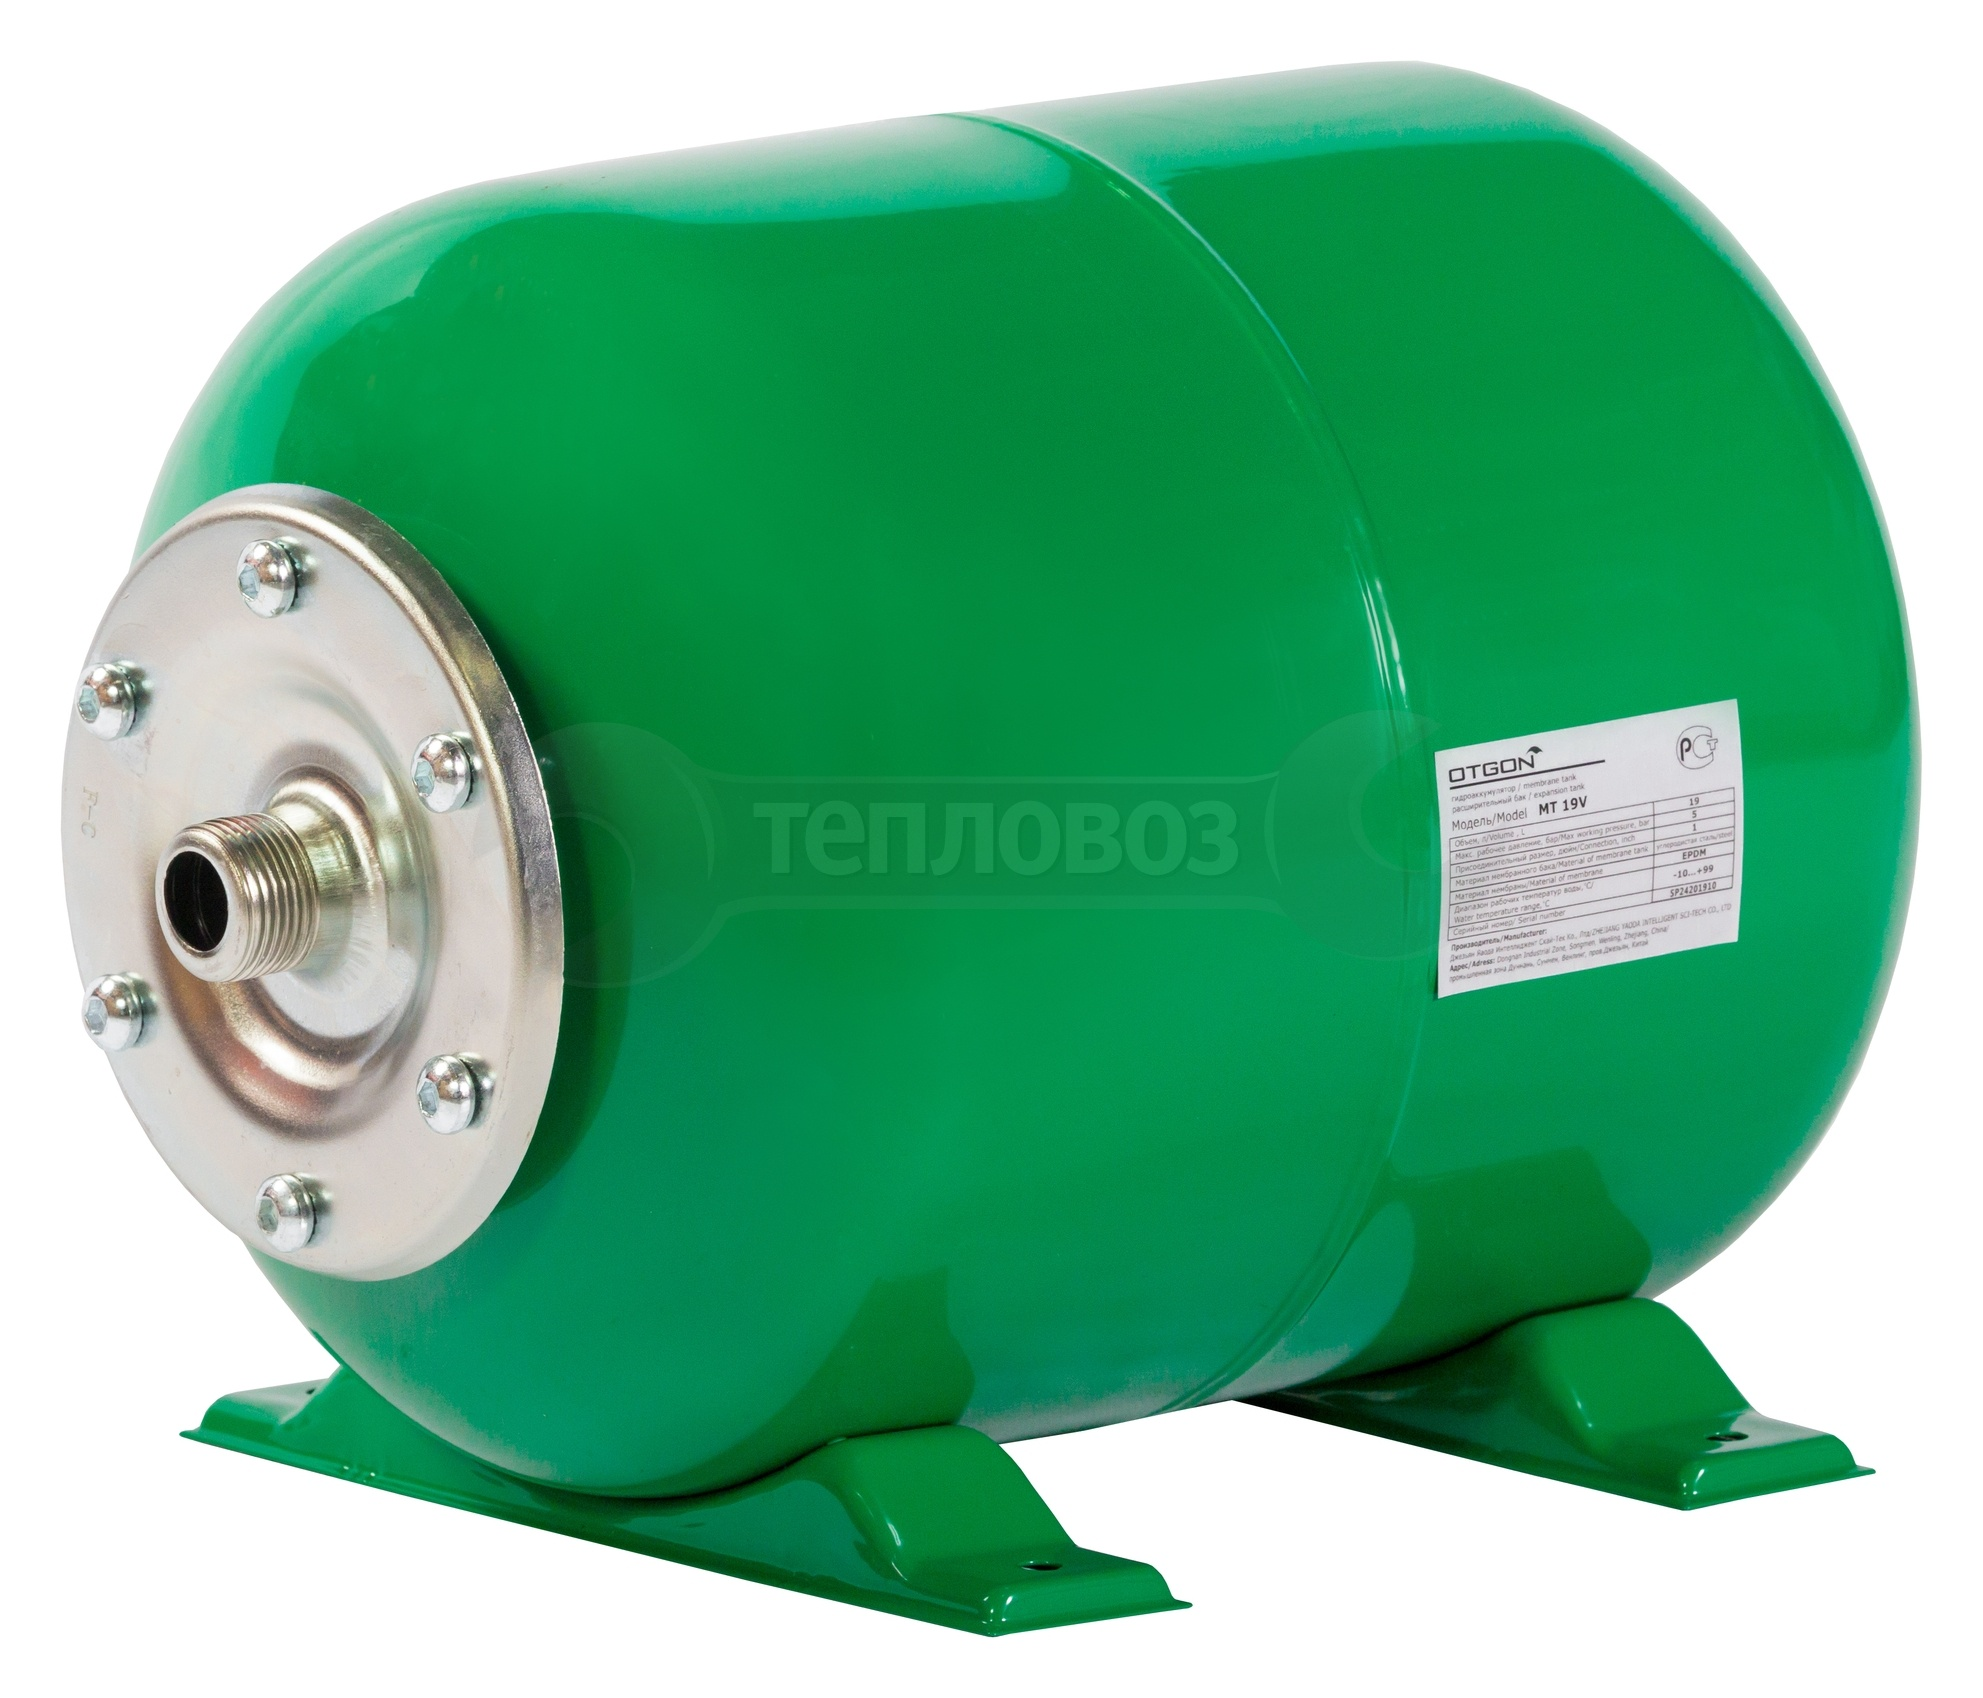 Купить Otgon MT 19V, 19 л, горизонтальный, без манометра в интернет-магазине Дождь